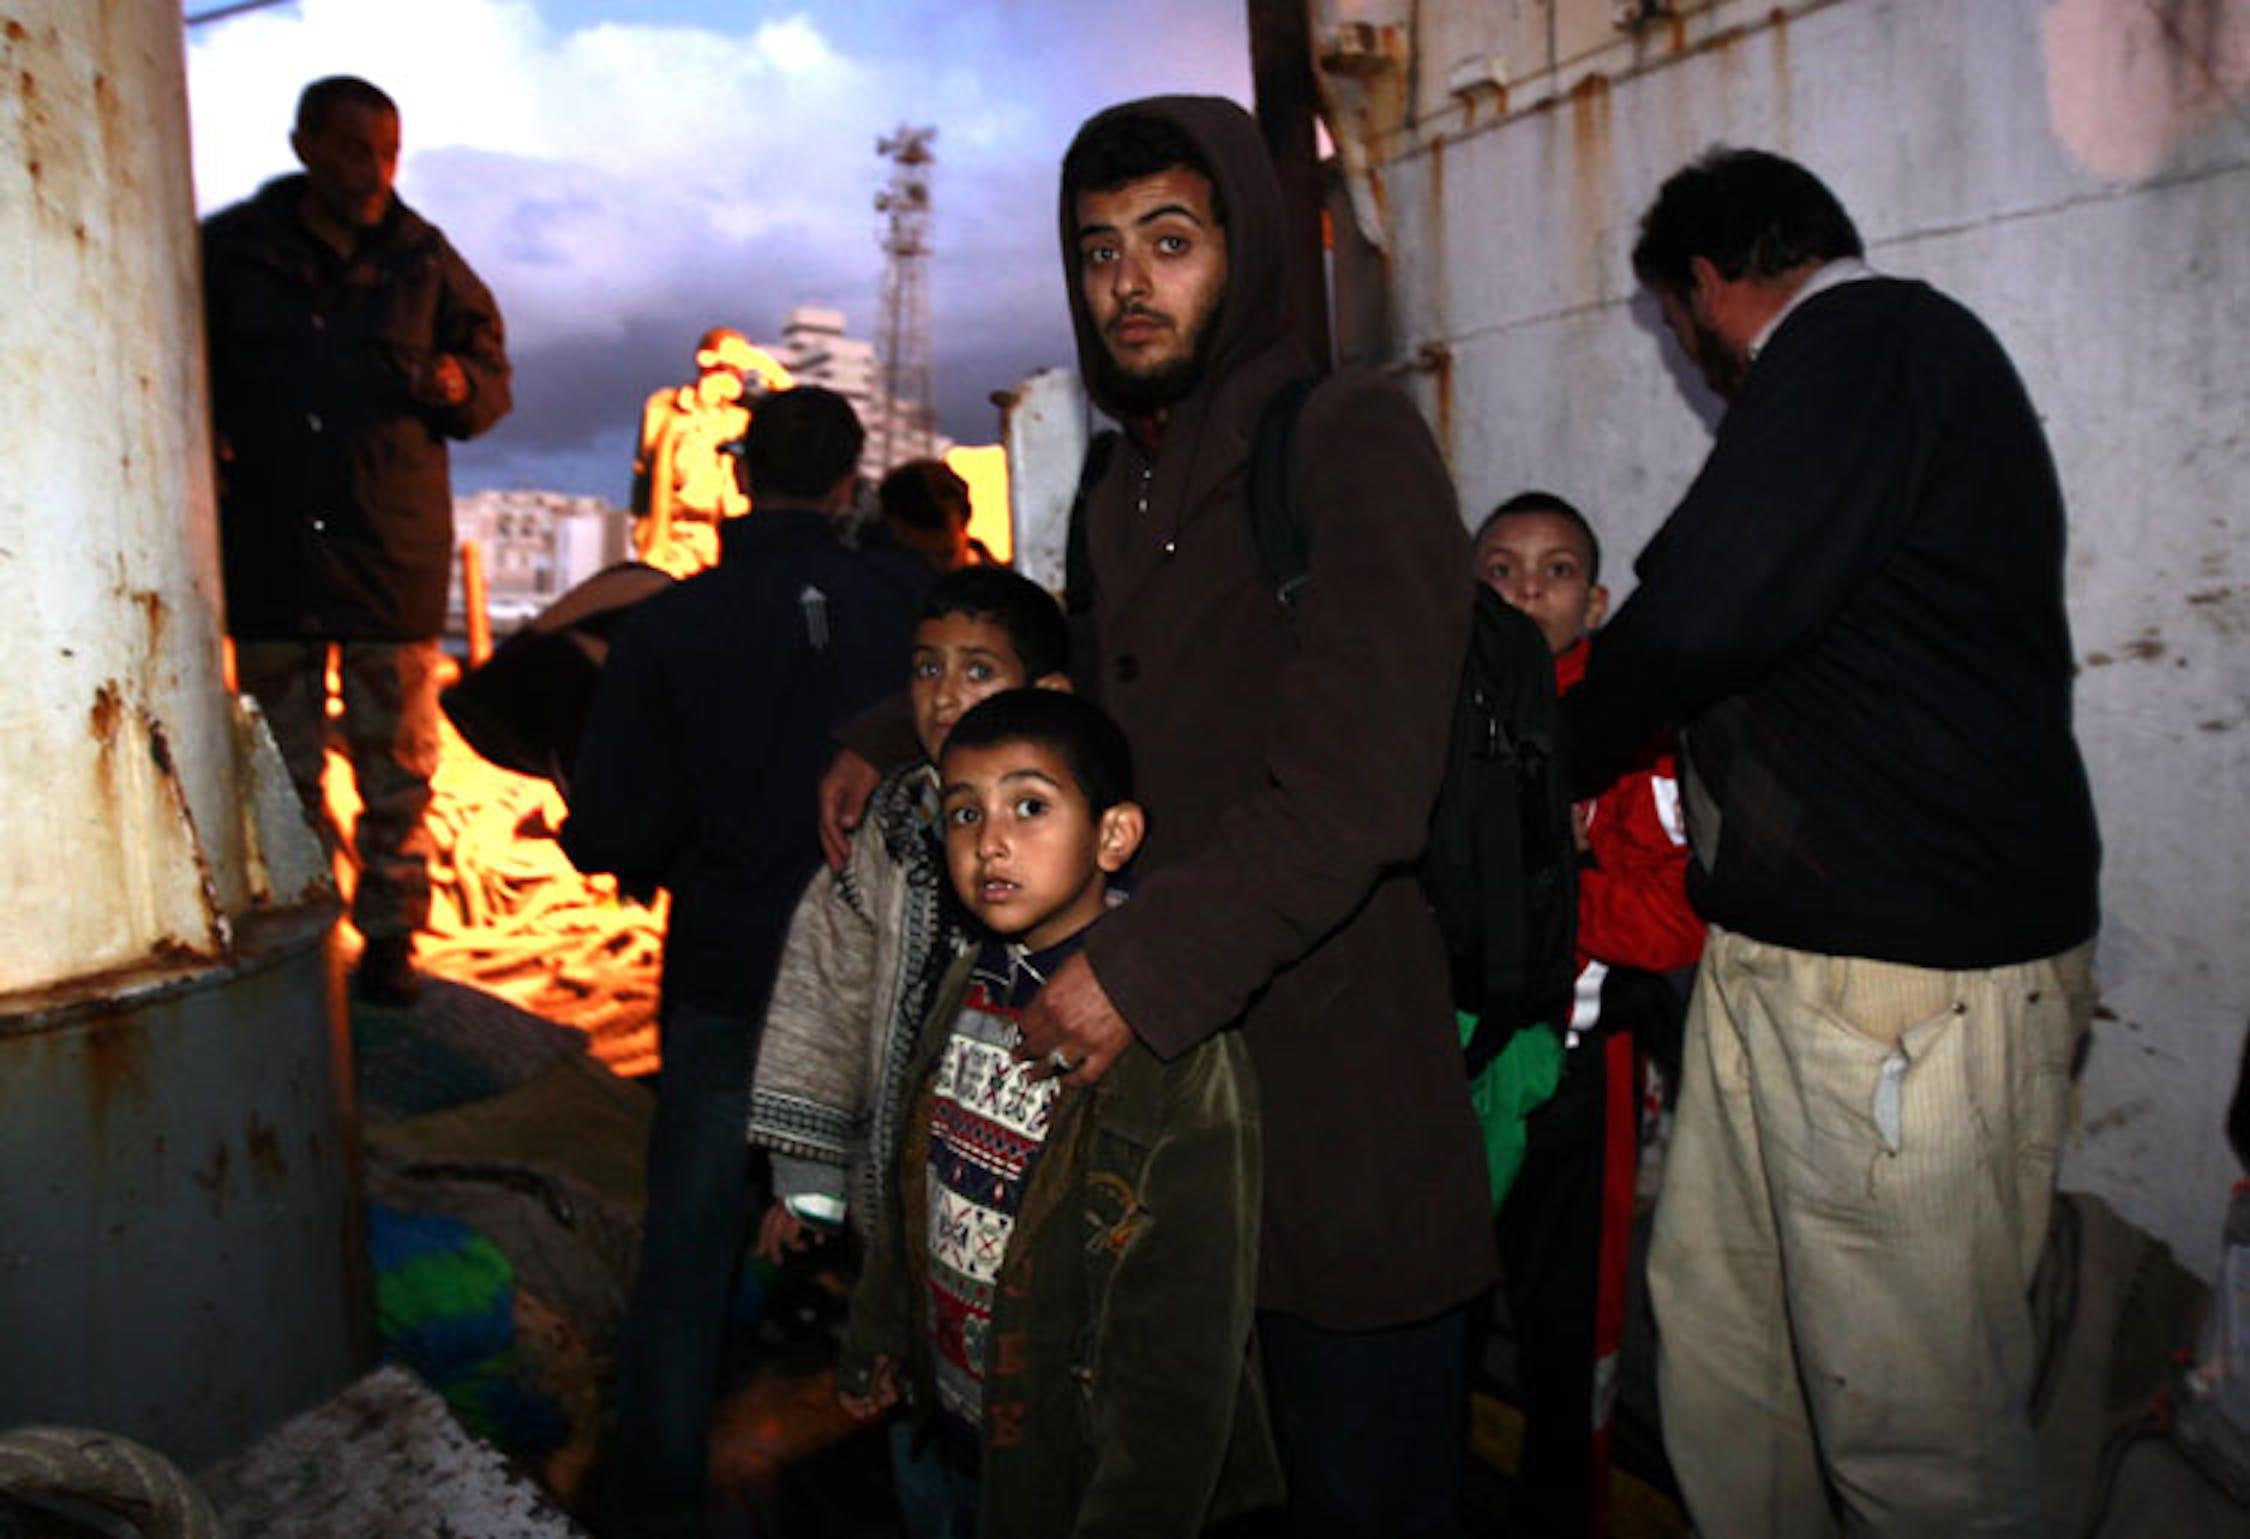 Bambini e adulti sfollati via mare dalla città sotto assedio di Misurata (Libia) in attesa di sbarcare nel porto di Bengasi - ©Reuters/Yannis Behrakis